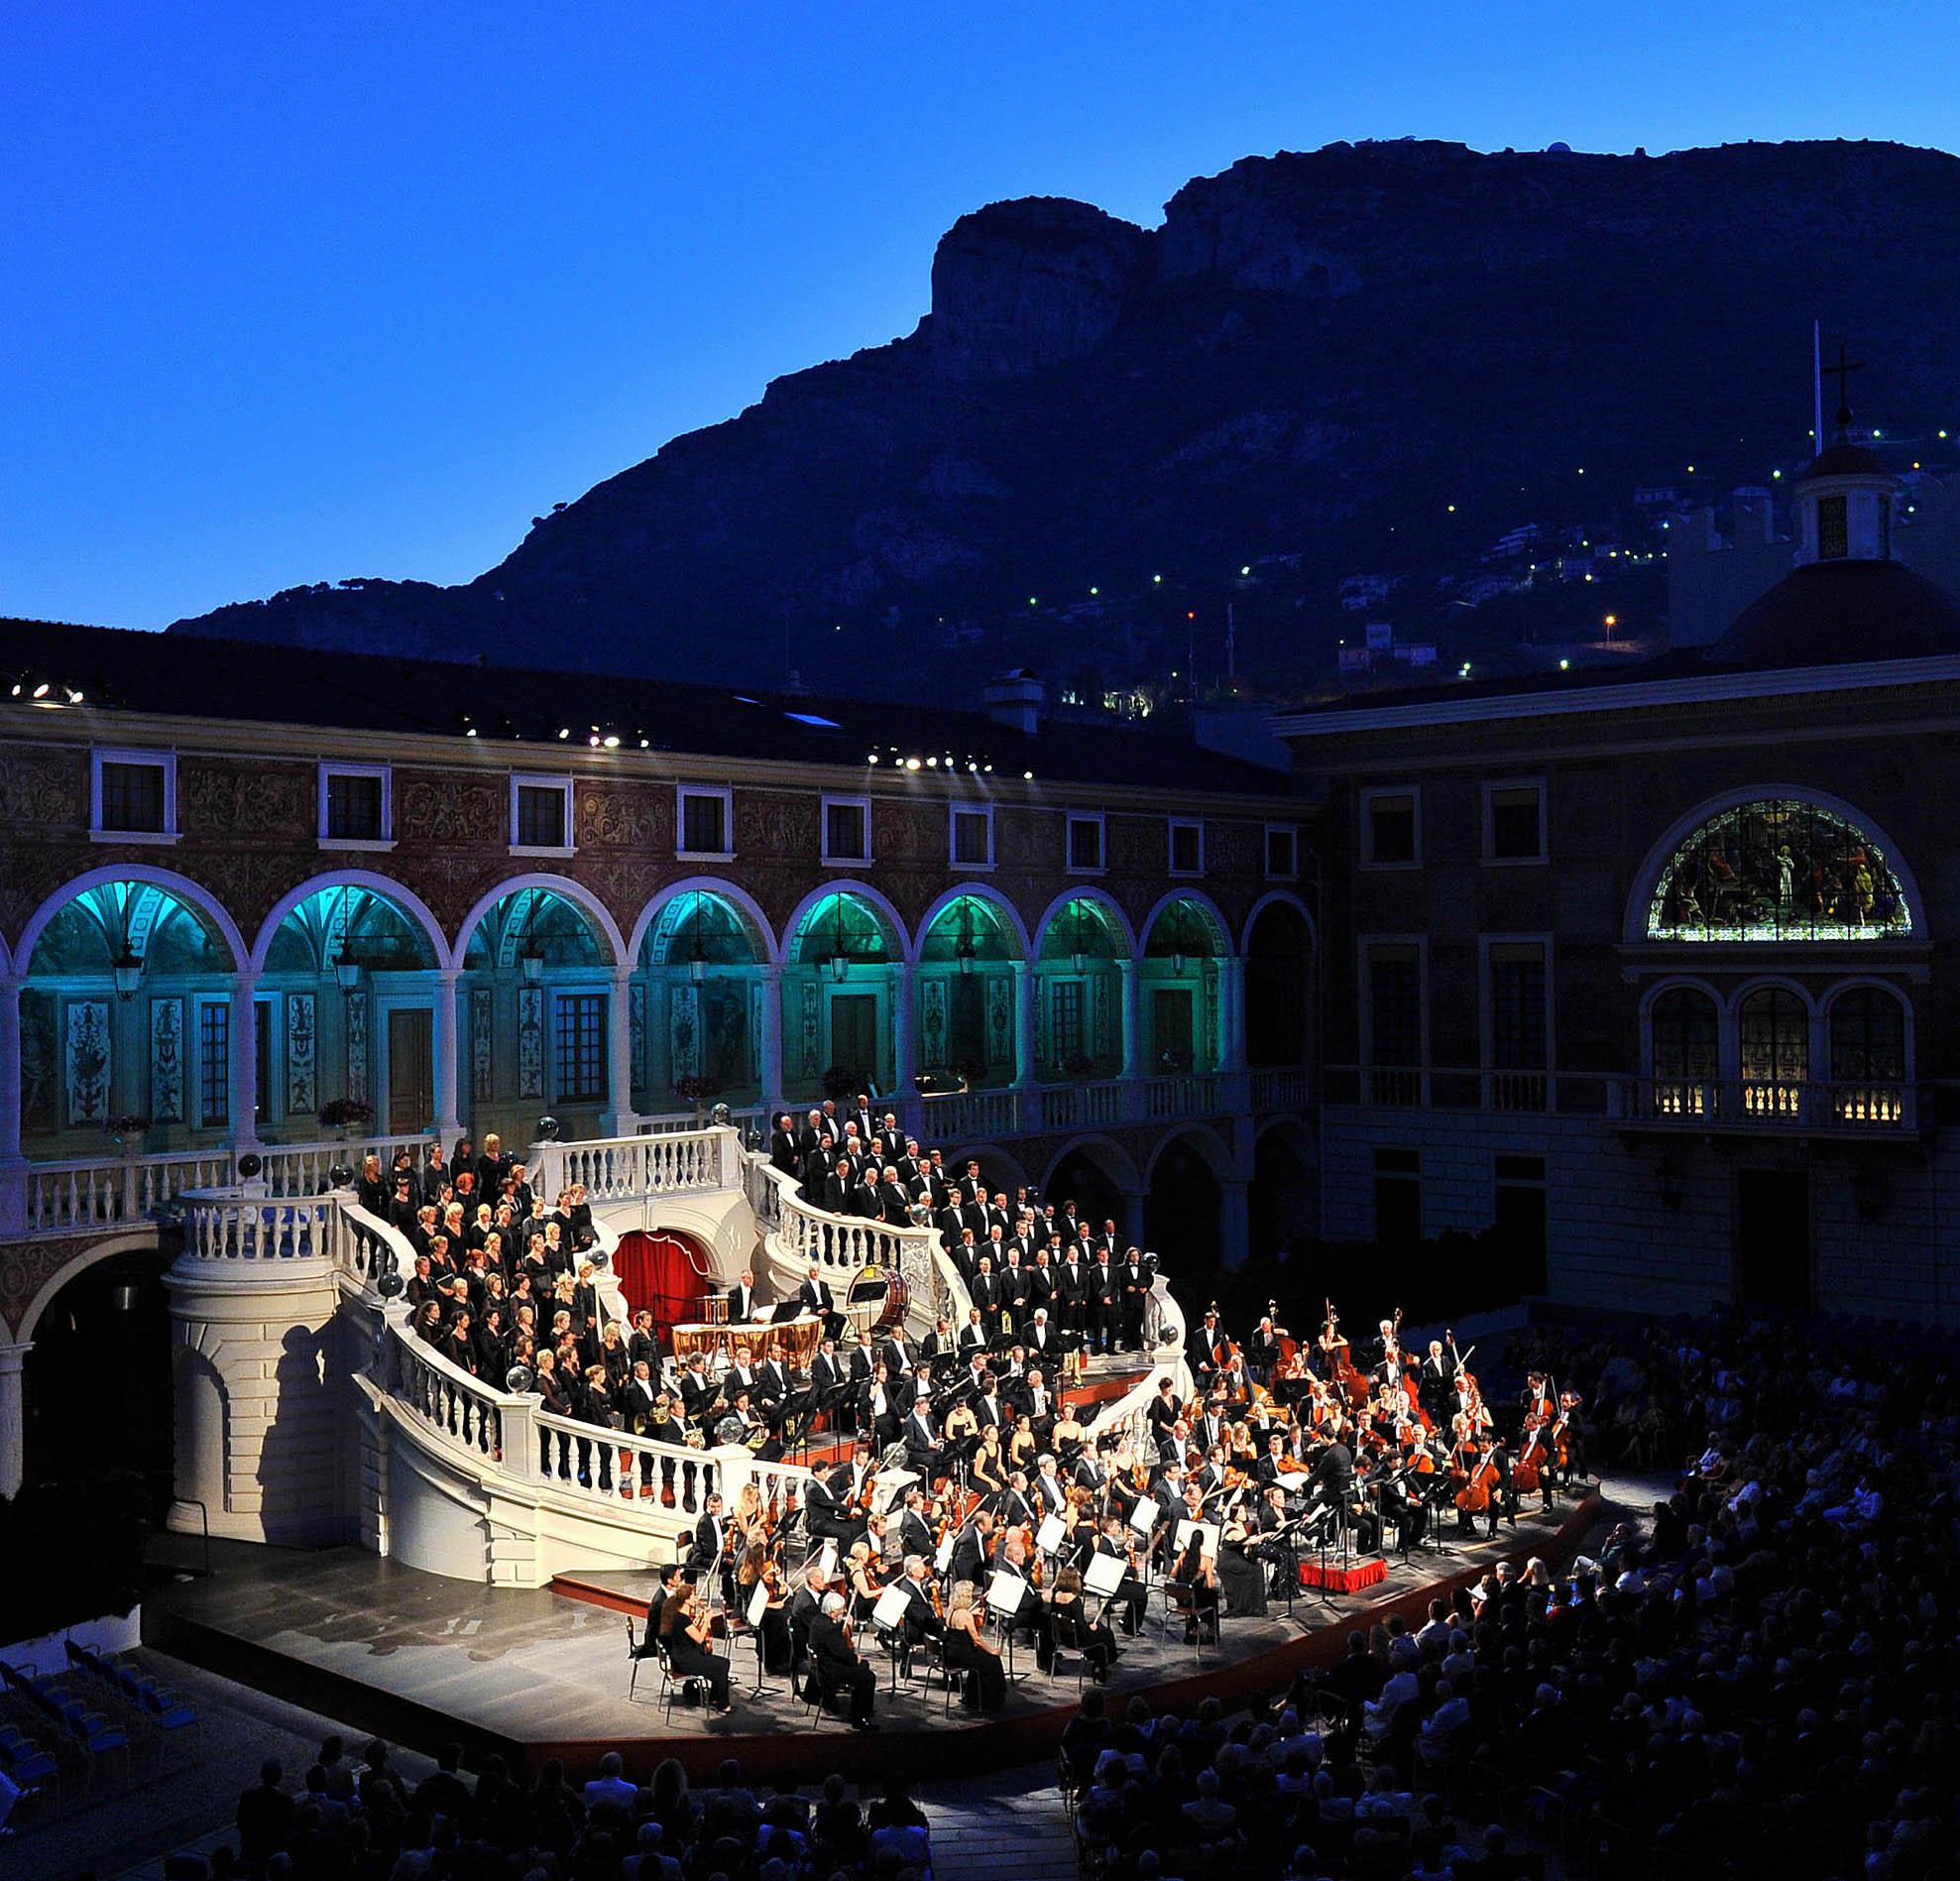 Dal 17 luglio al 7 agosto protagonista l'Orchestra Filarmonica di Montecarlo con ospiti prestigiosi